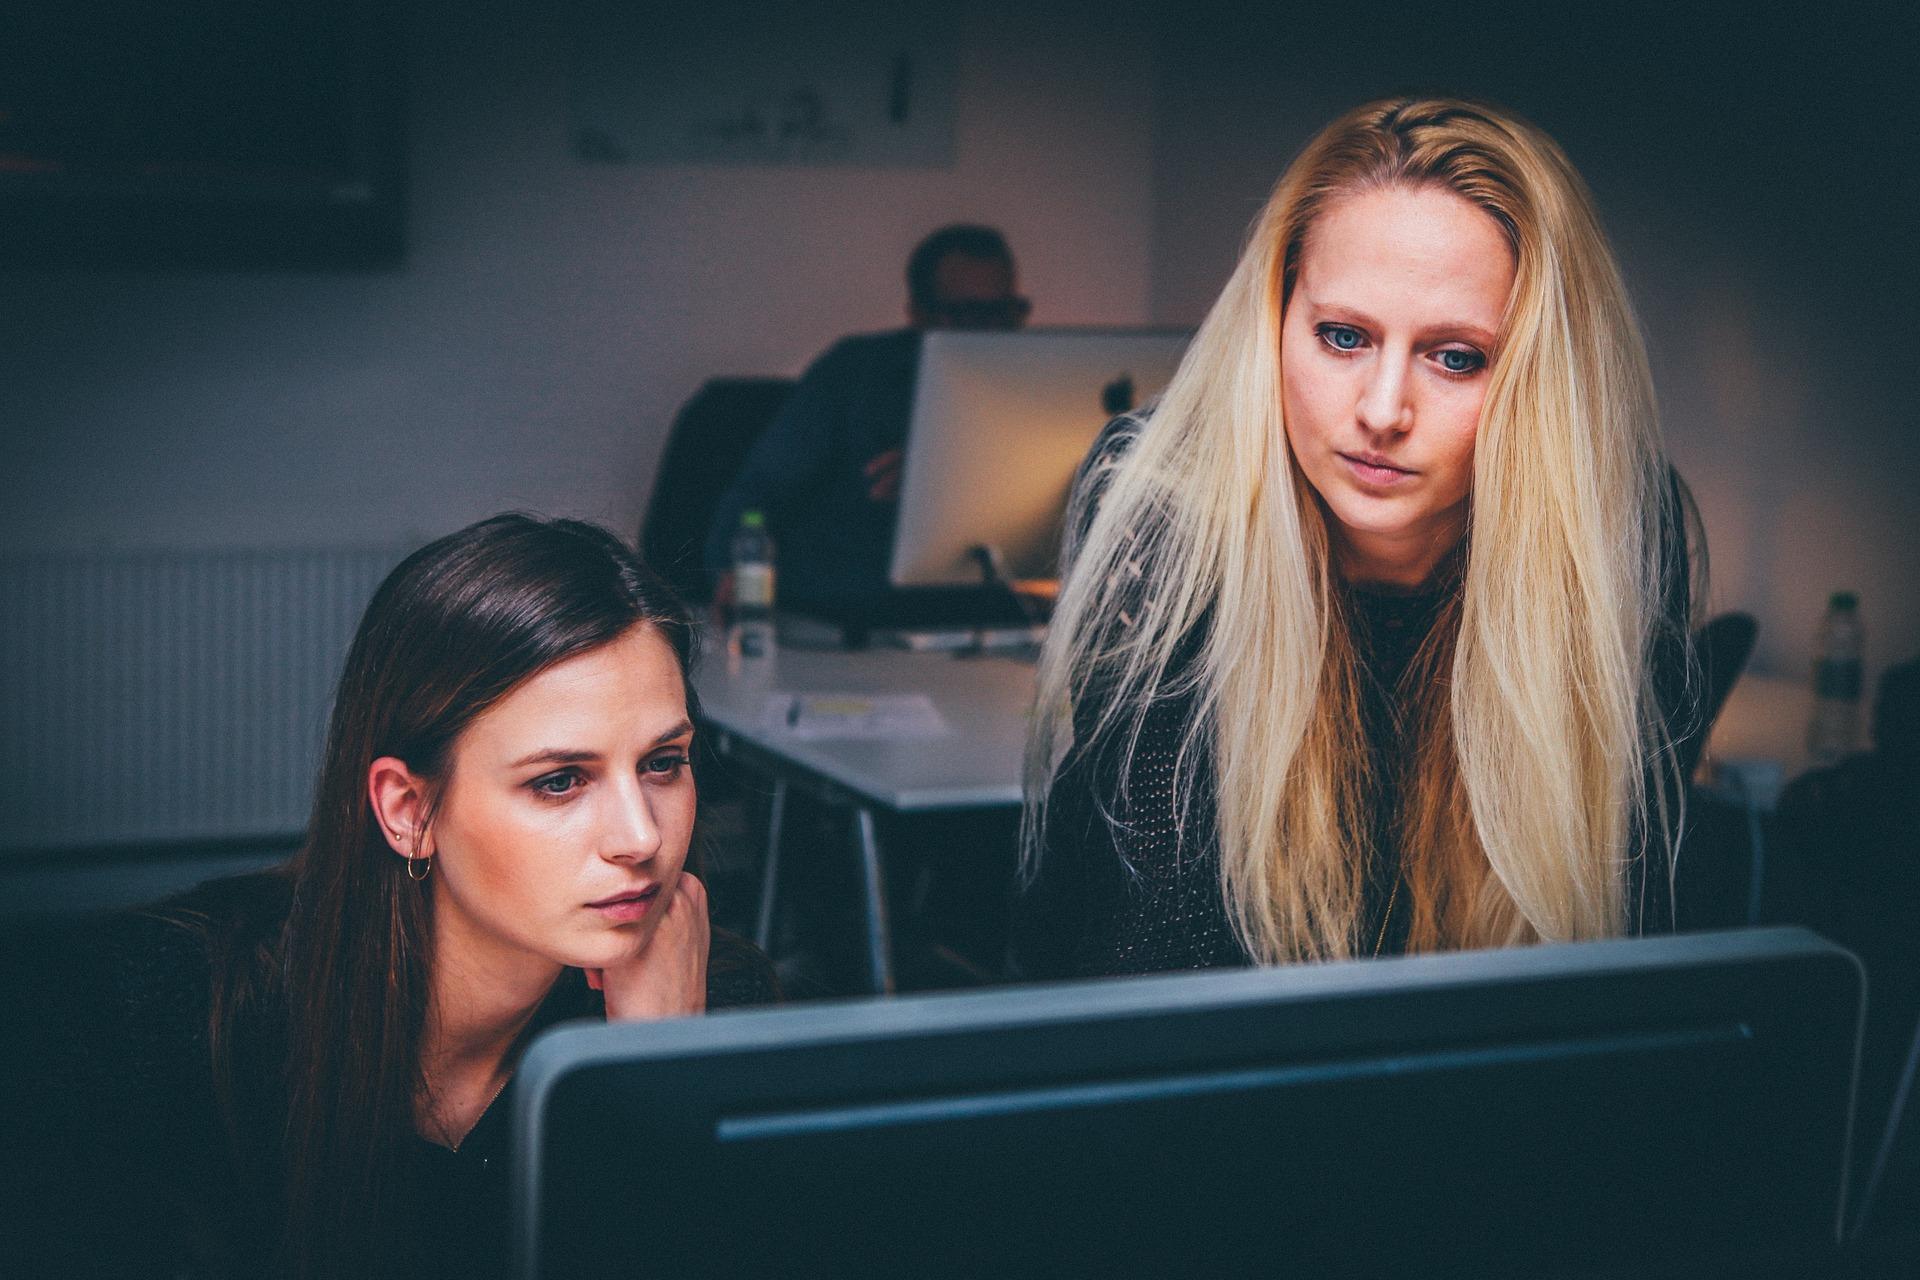 Opening Opportunities, program educațional de informatică, dezvoltat de Microsoft în Româniauțin empatice companii 2016